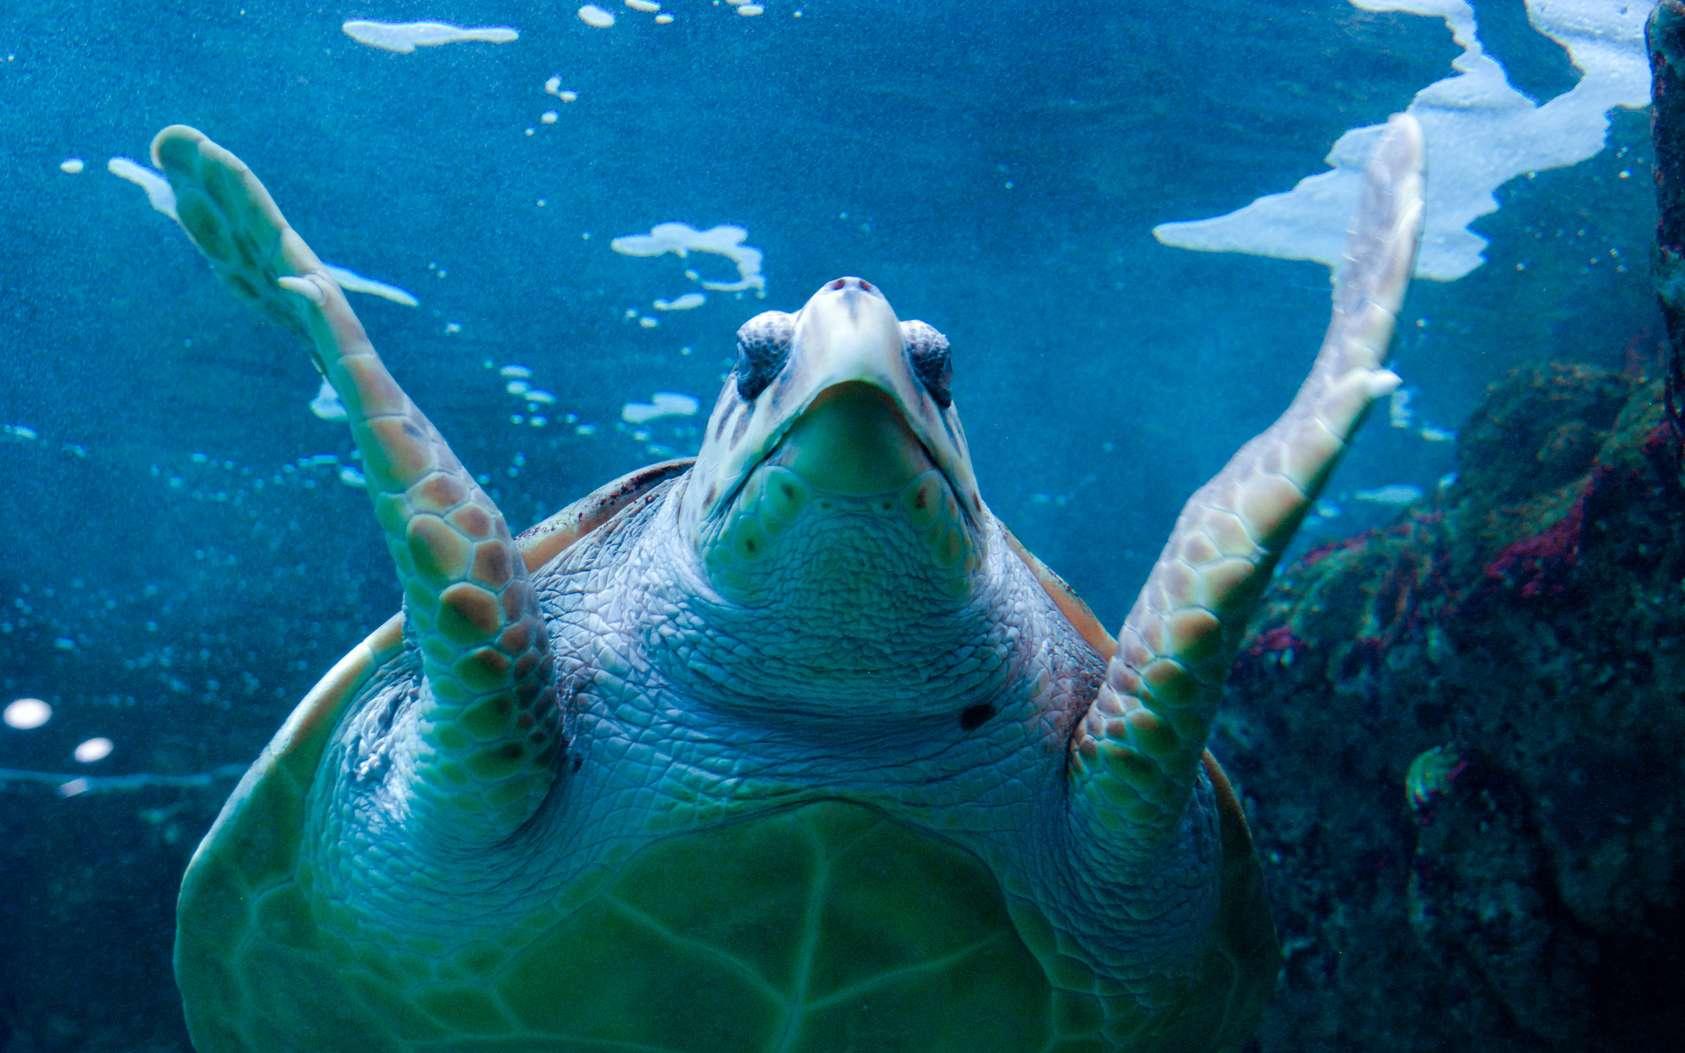 Bien que cela ne soit pas réellement établi, il semblerait que la tortue luth soit l'une des deux espèces de tortues dont la chair est toxique à cause de la chelonitoxine qu'elle contiendrait. © Yggdrasill, fotolia